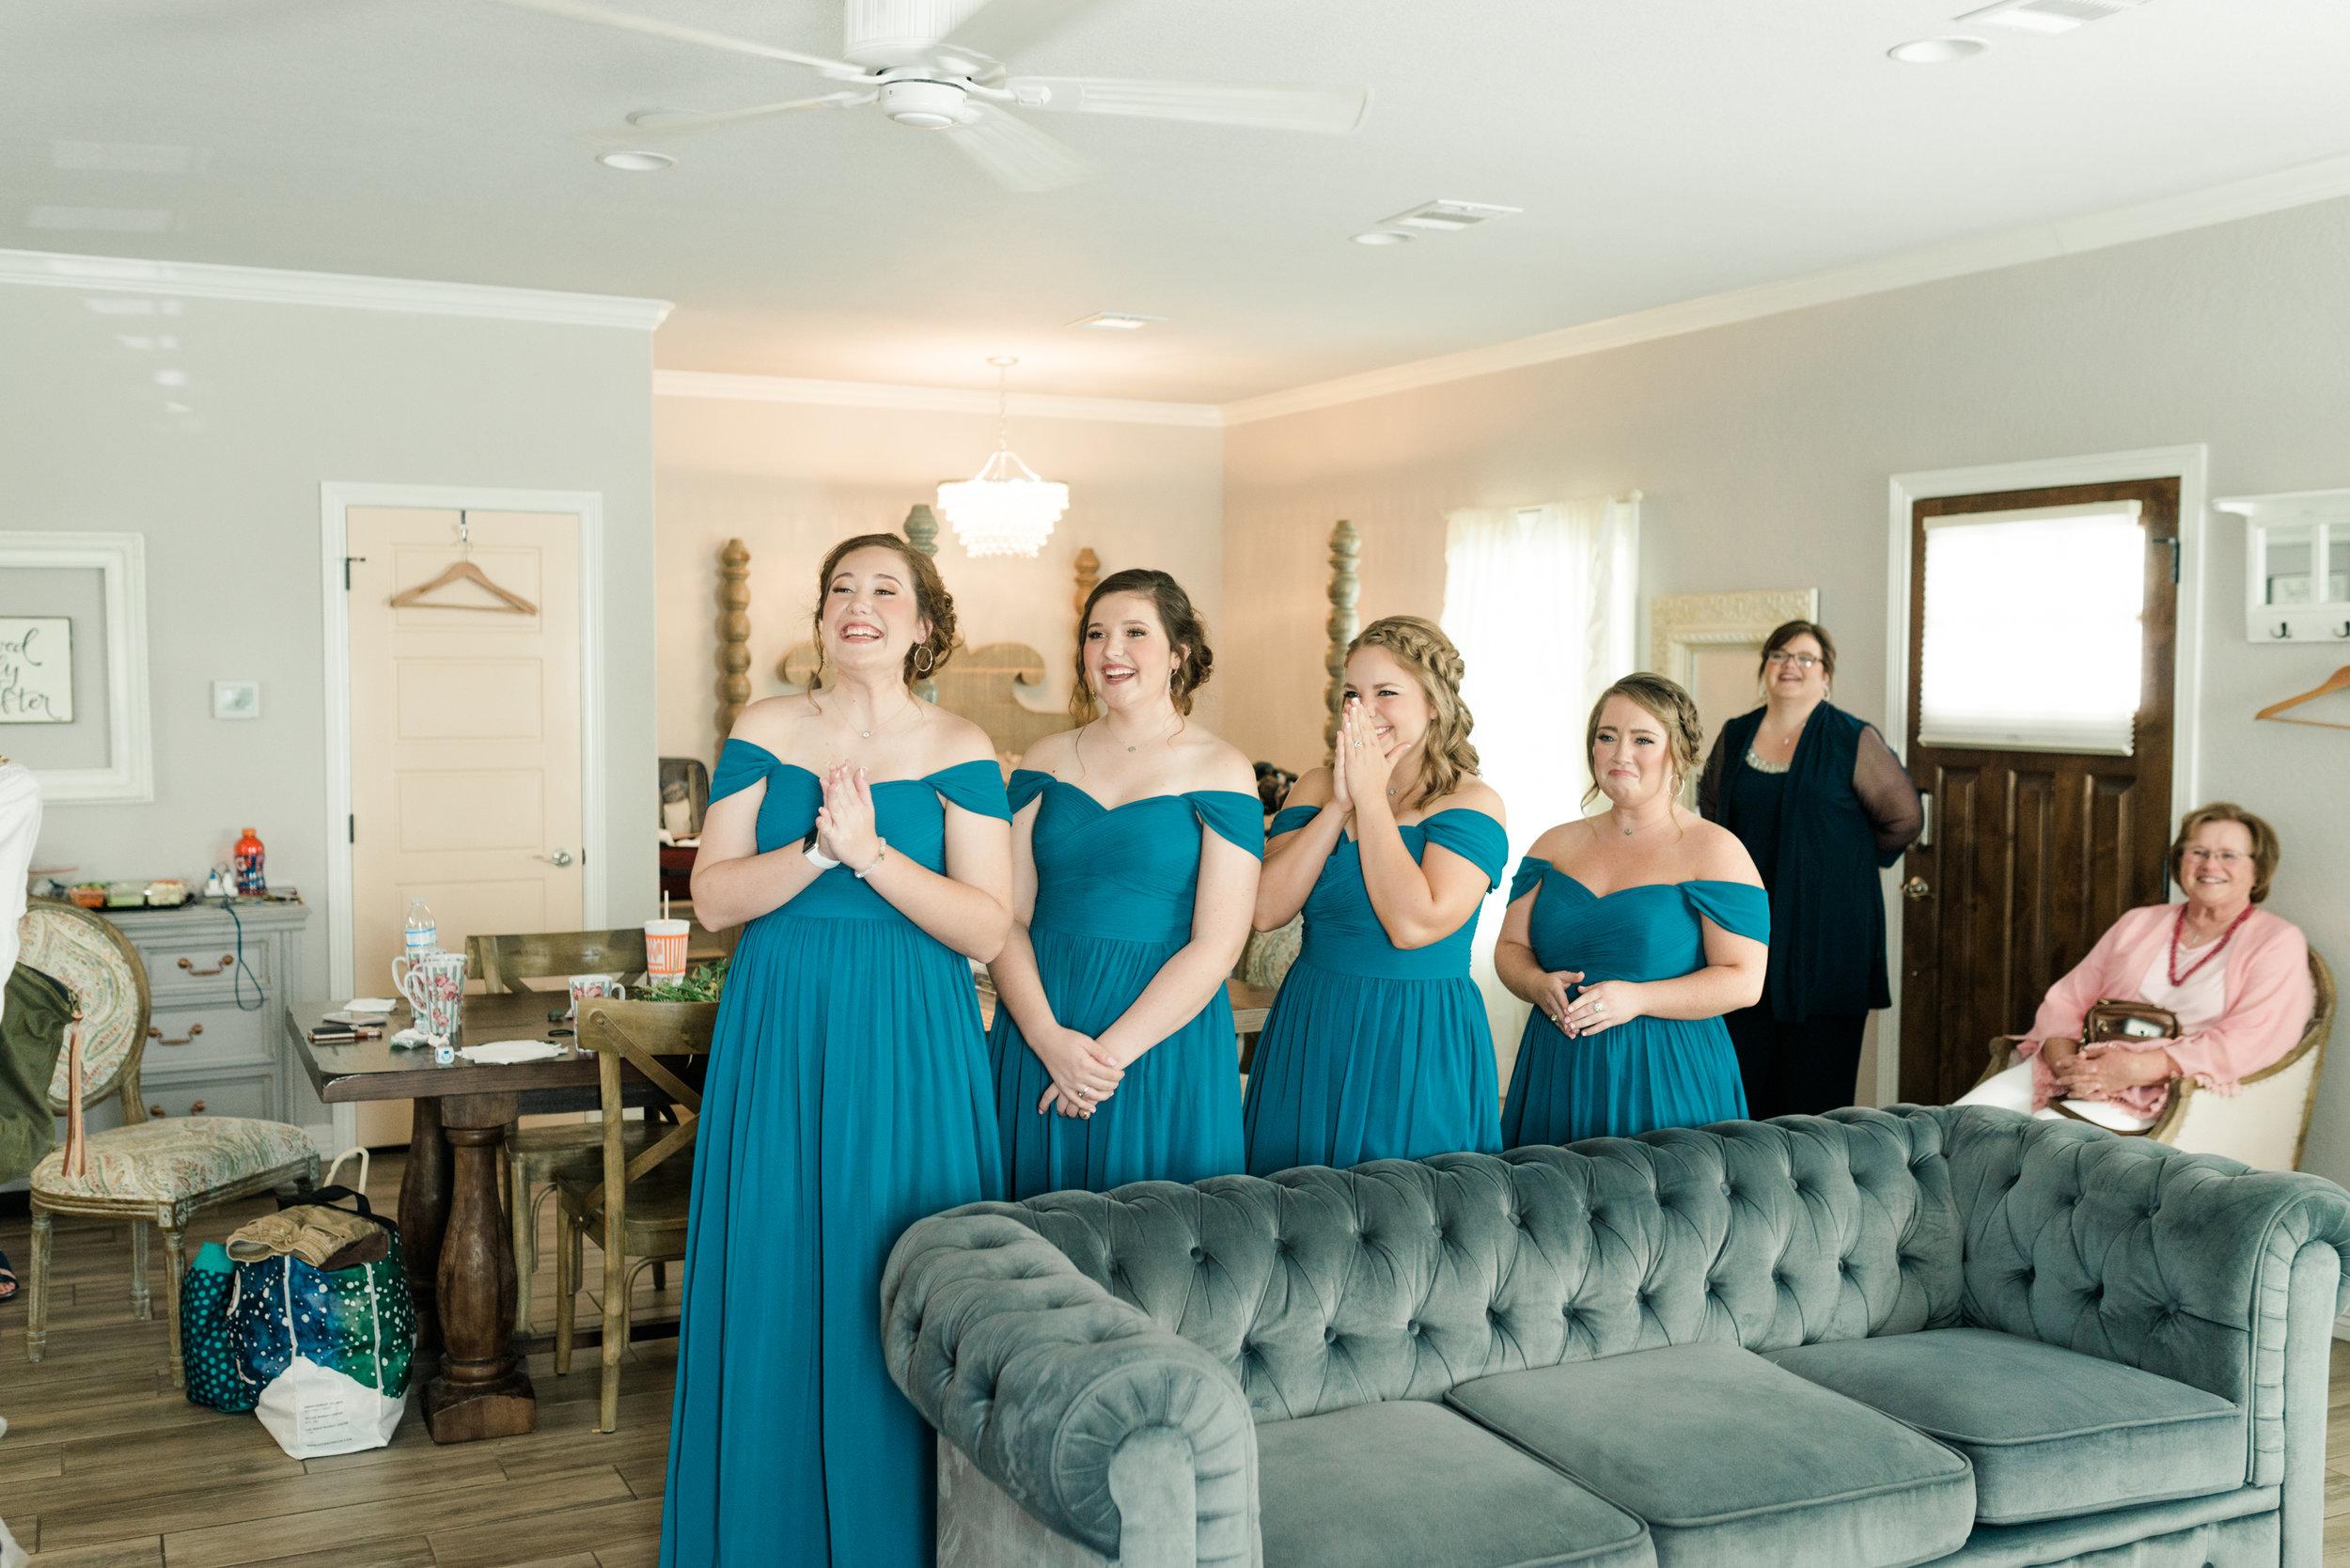 Wesley-Wedding-Ten23-Photography-236.jpg